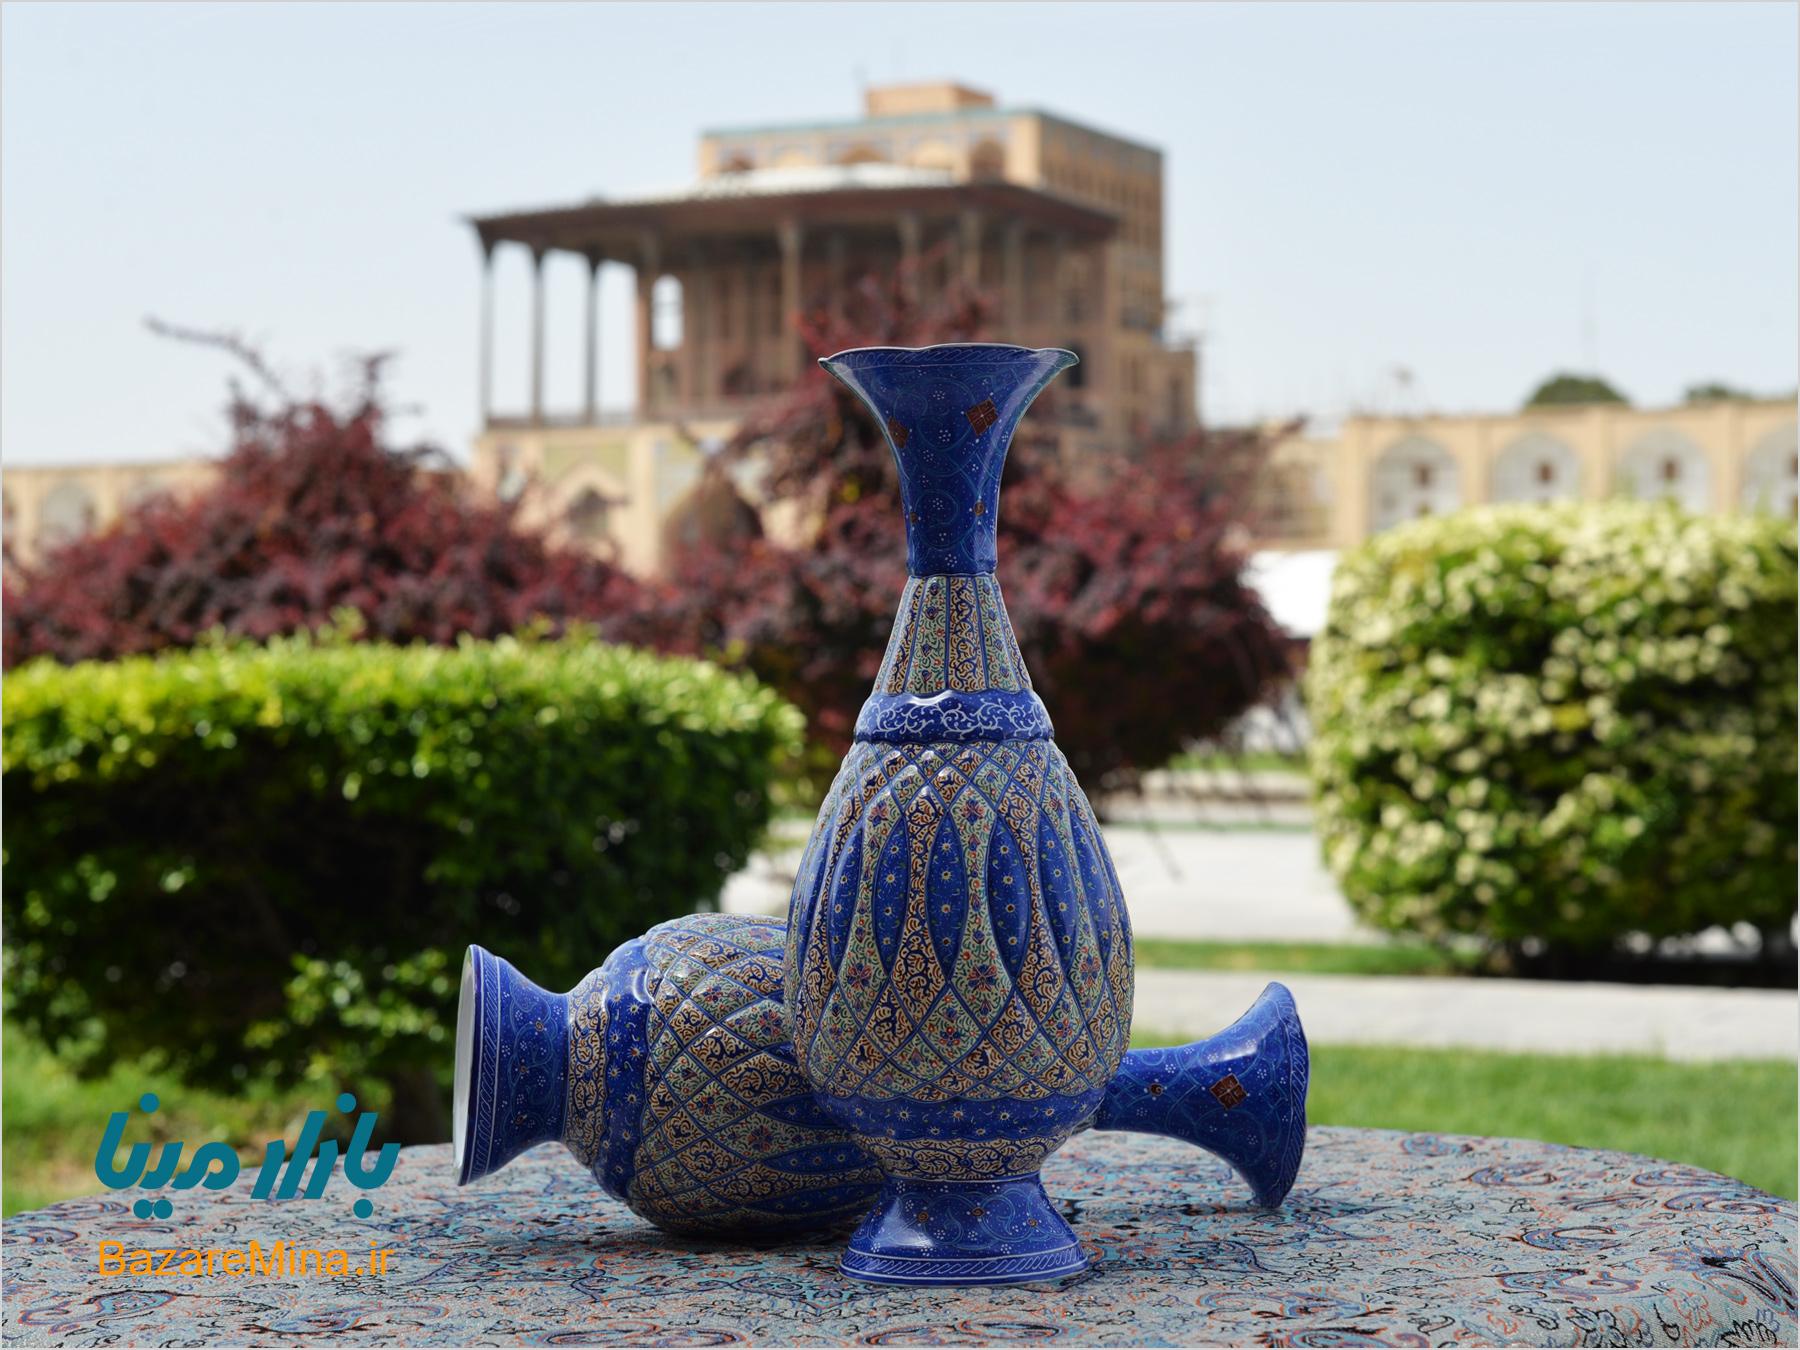 Mina Kari of Isfahan